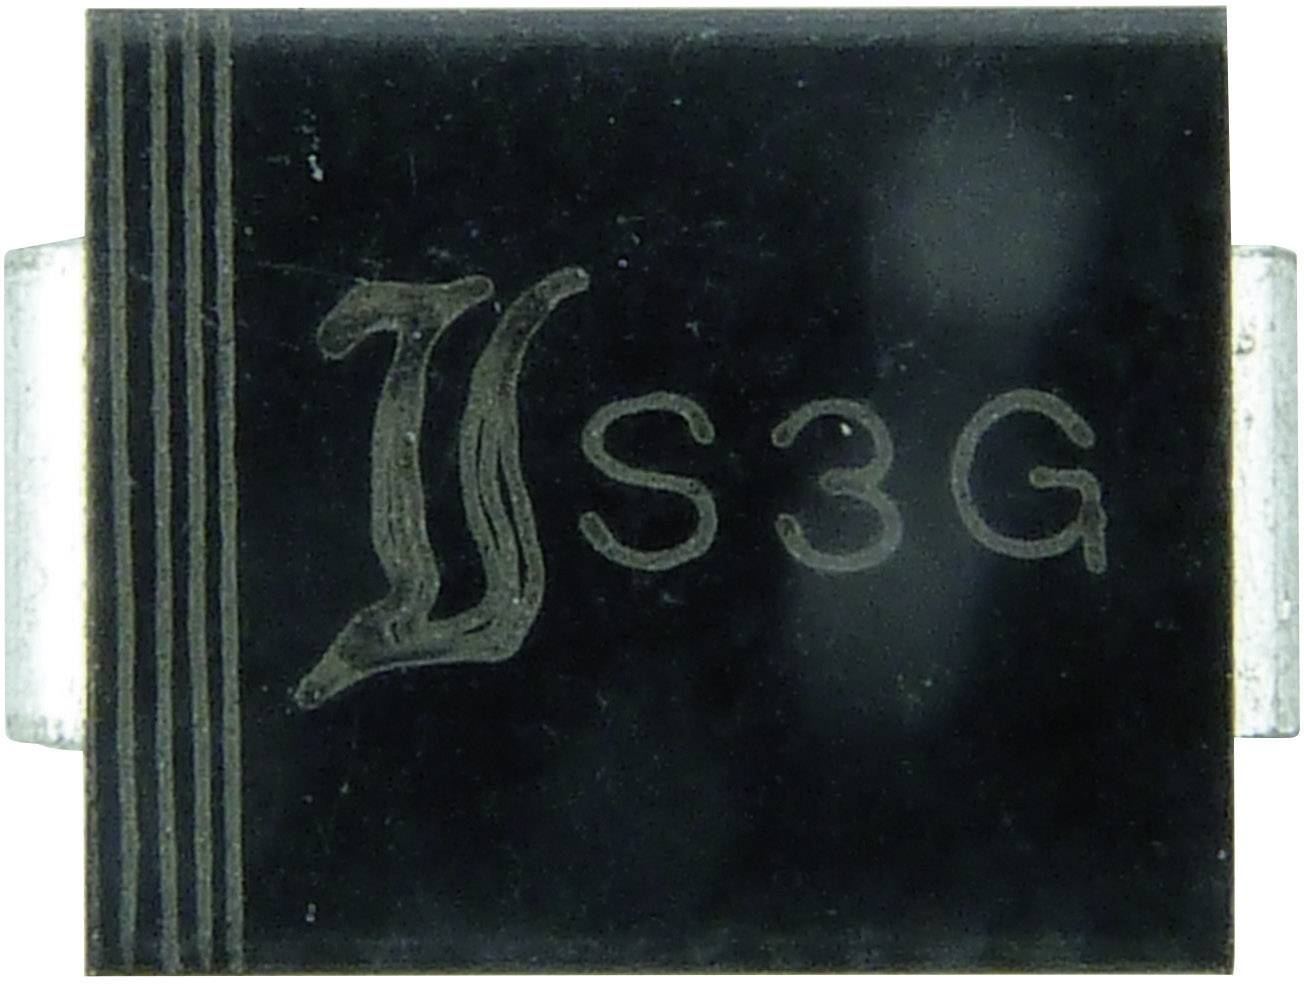 Zenerova dioda Diotec Z3SMC24, U(zen) 24 V